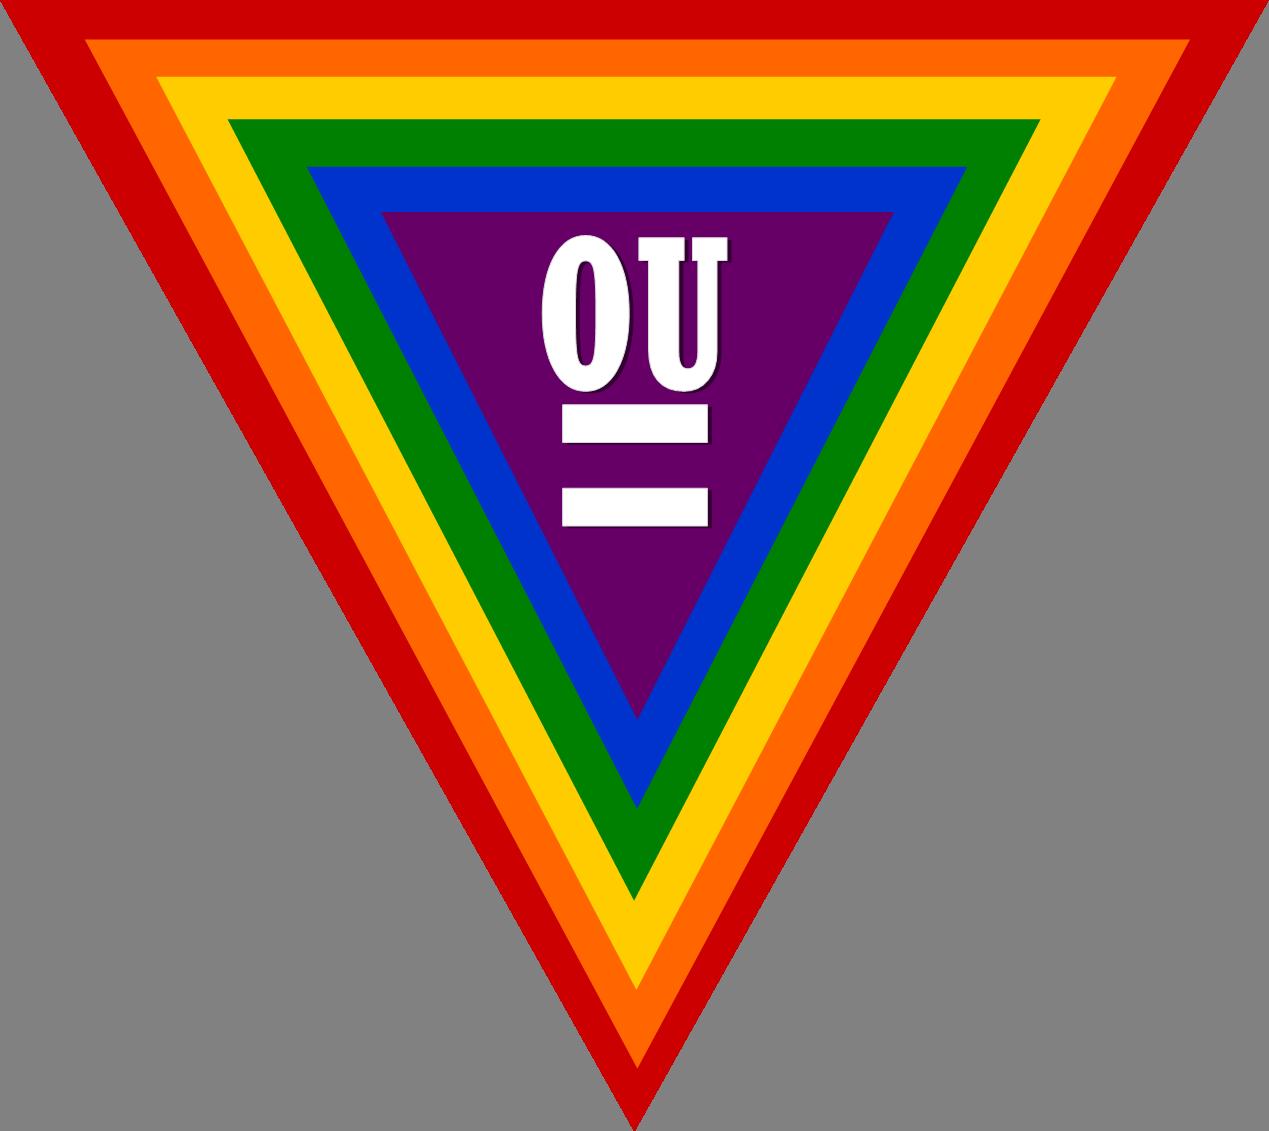 S.A.F.E. rainbow icon